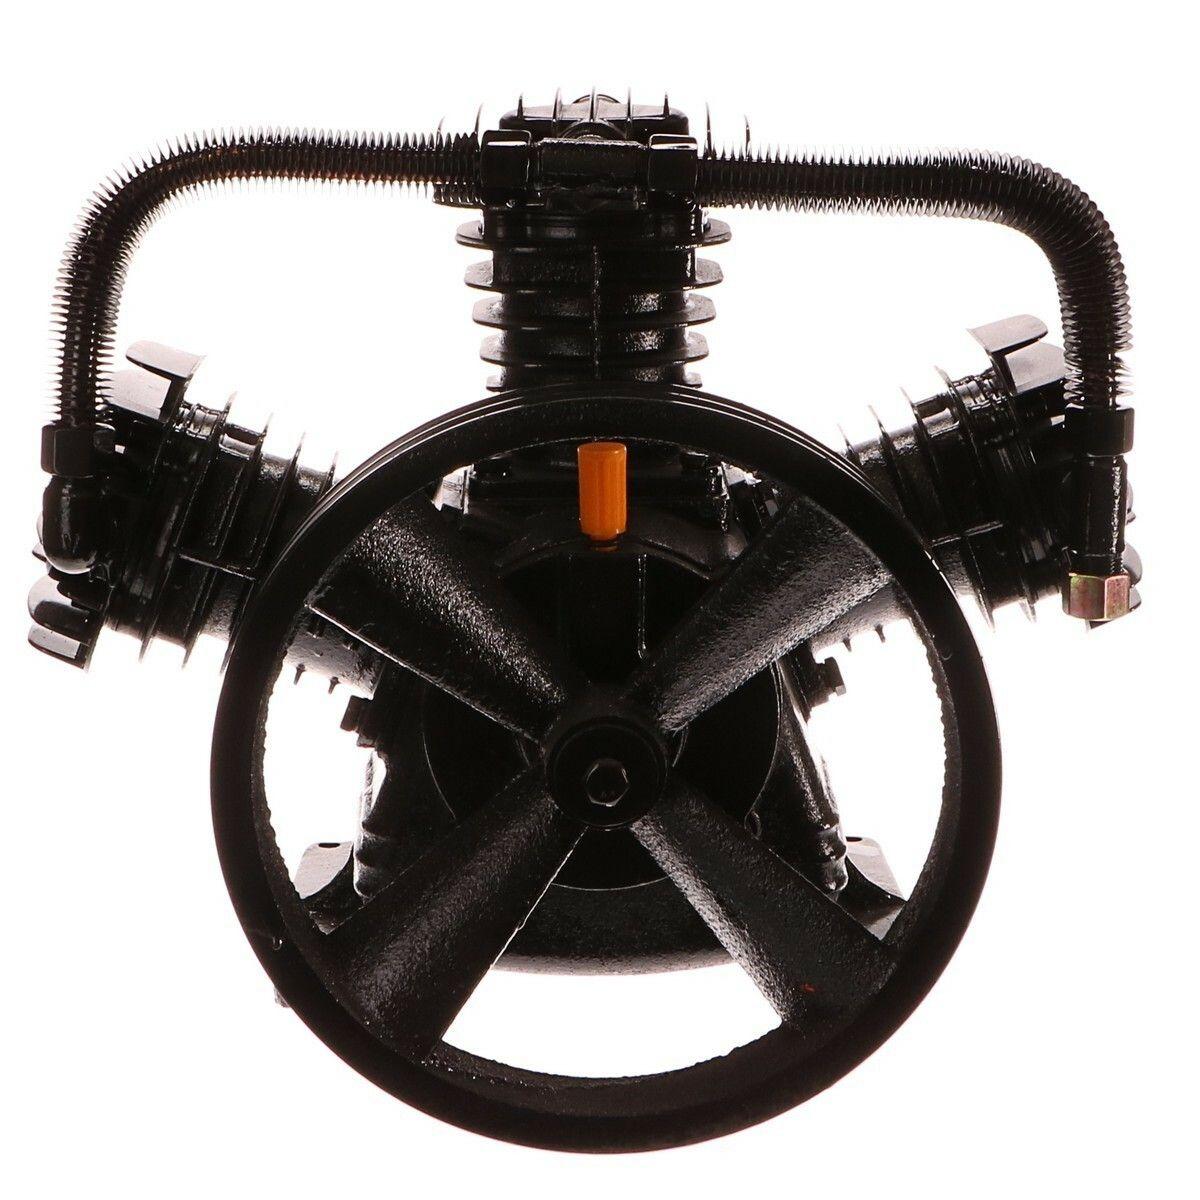 Kompresor do vzduchového kompresoru třípístový, 5,5HP, 100l - náhradní díl GEKO